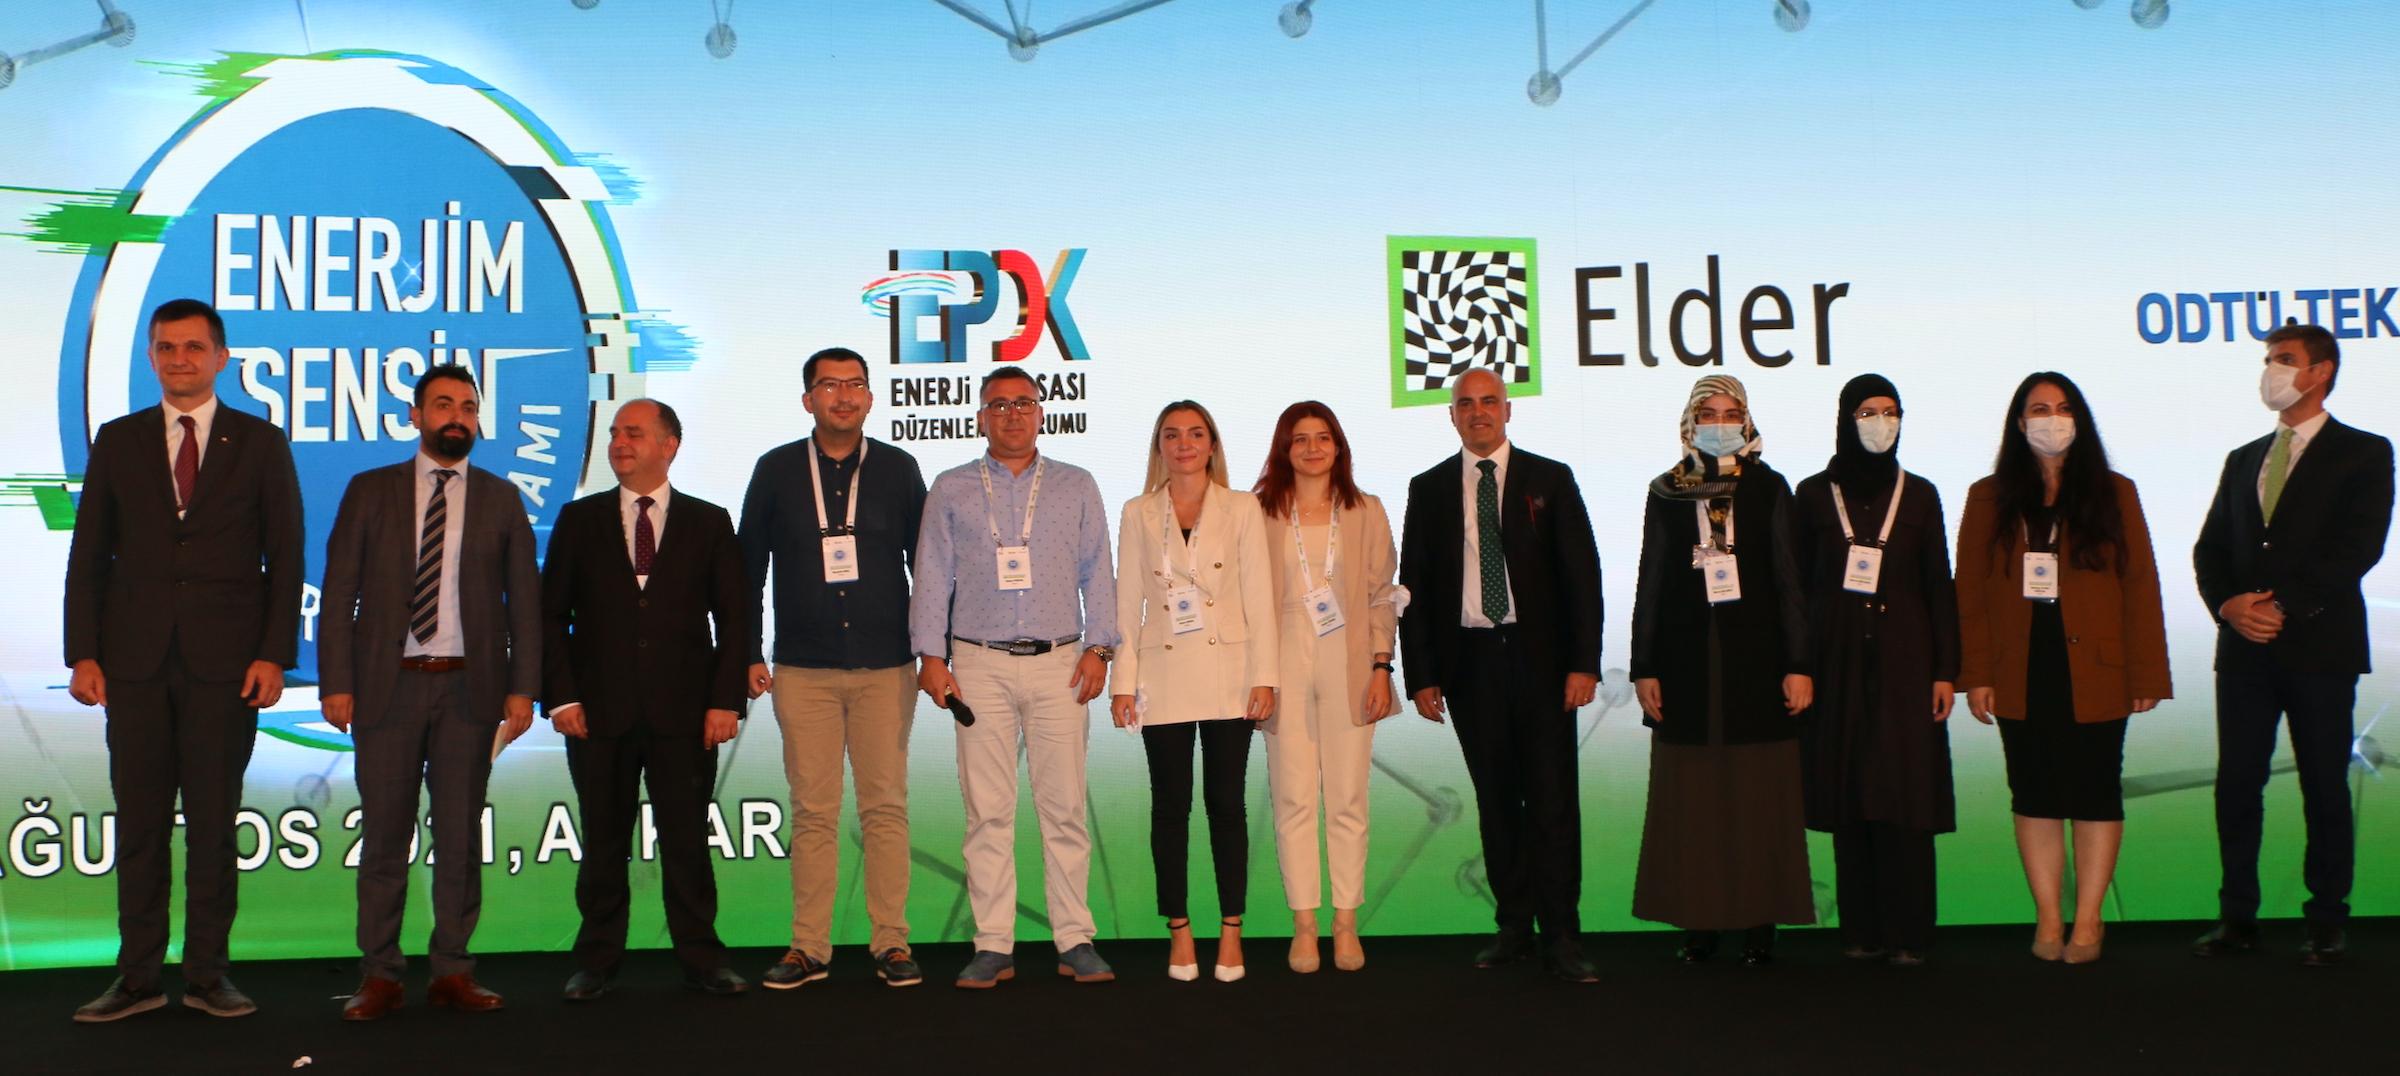 enerjim-sensin-yarismasi-finalistler.JPG